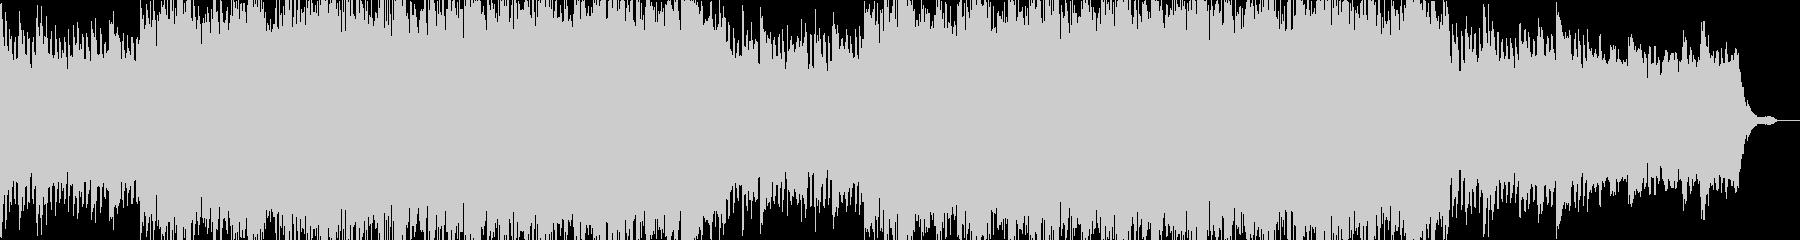 企業VP9 16bit48kHzVerの未再生の波形